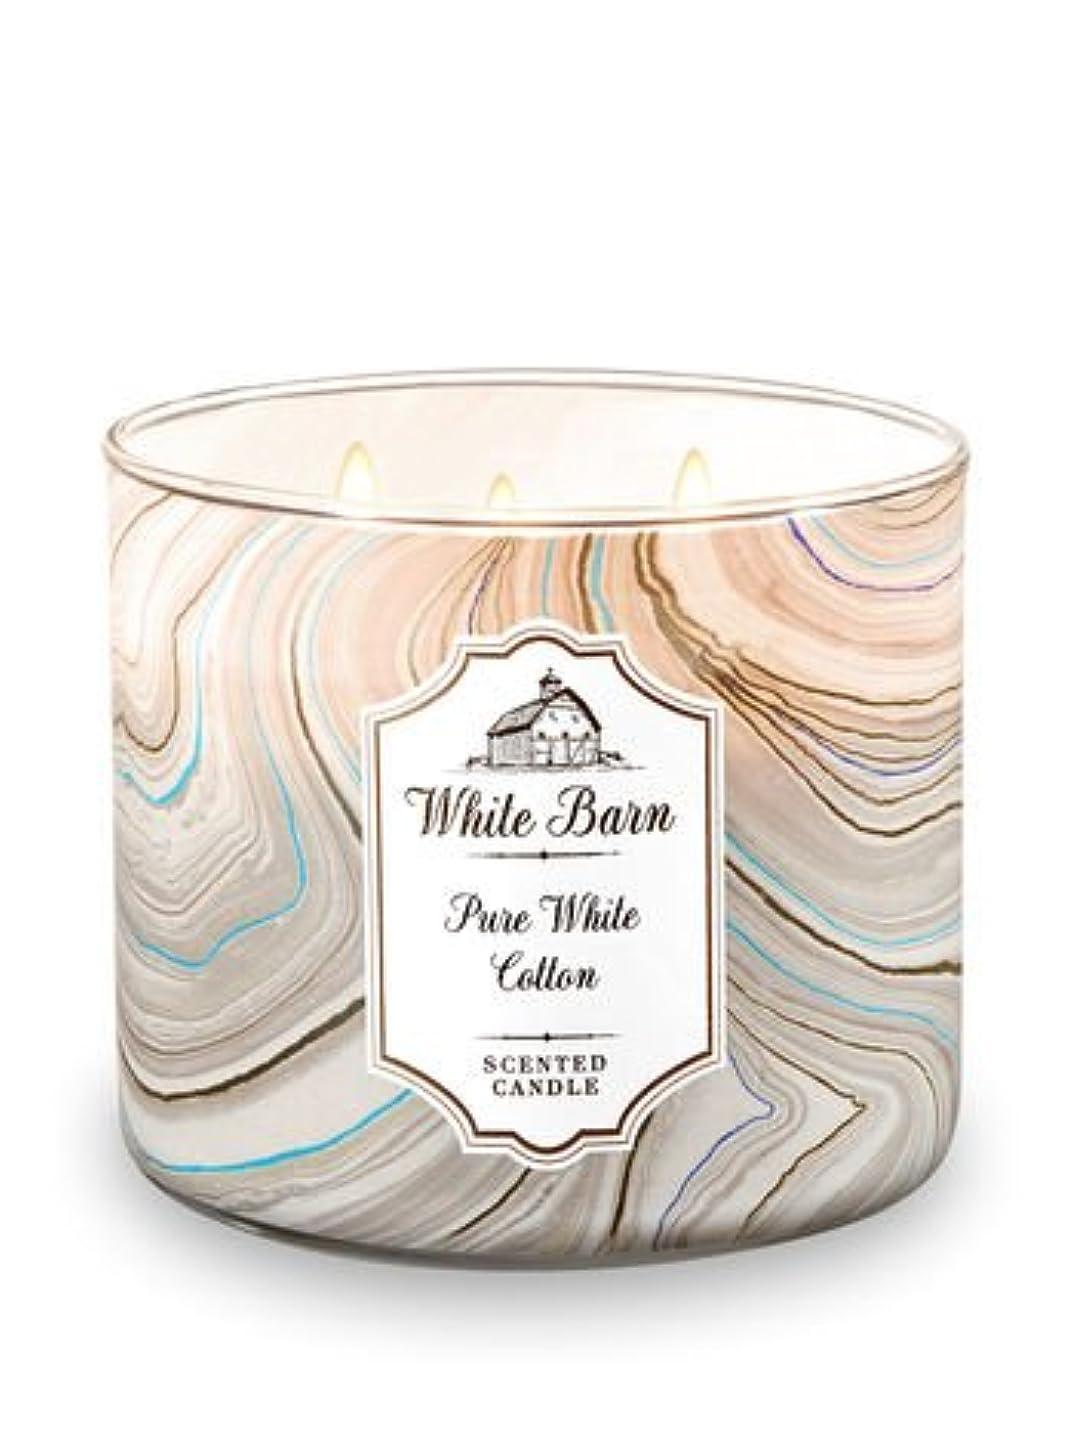 料理偶然の固執Bath and Body Worksホワイトバーン3 Wick Scented Candle Pureホワイトコットン14.5オンス